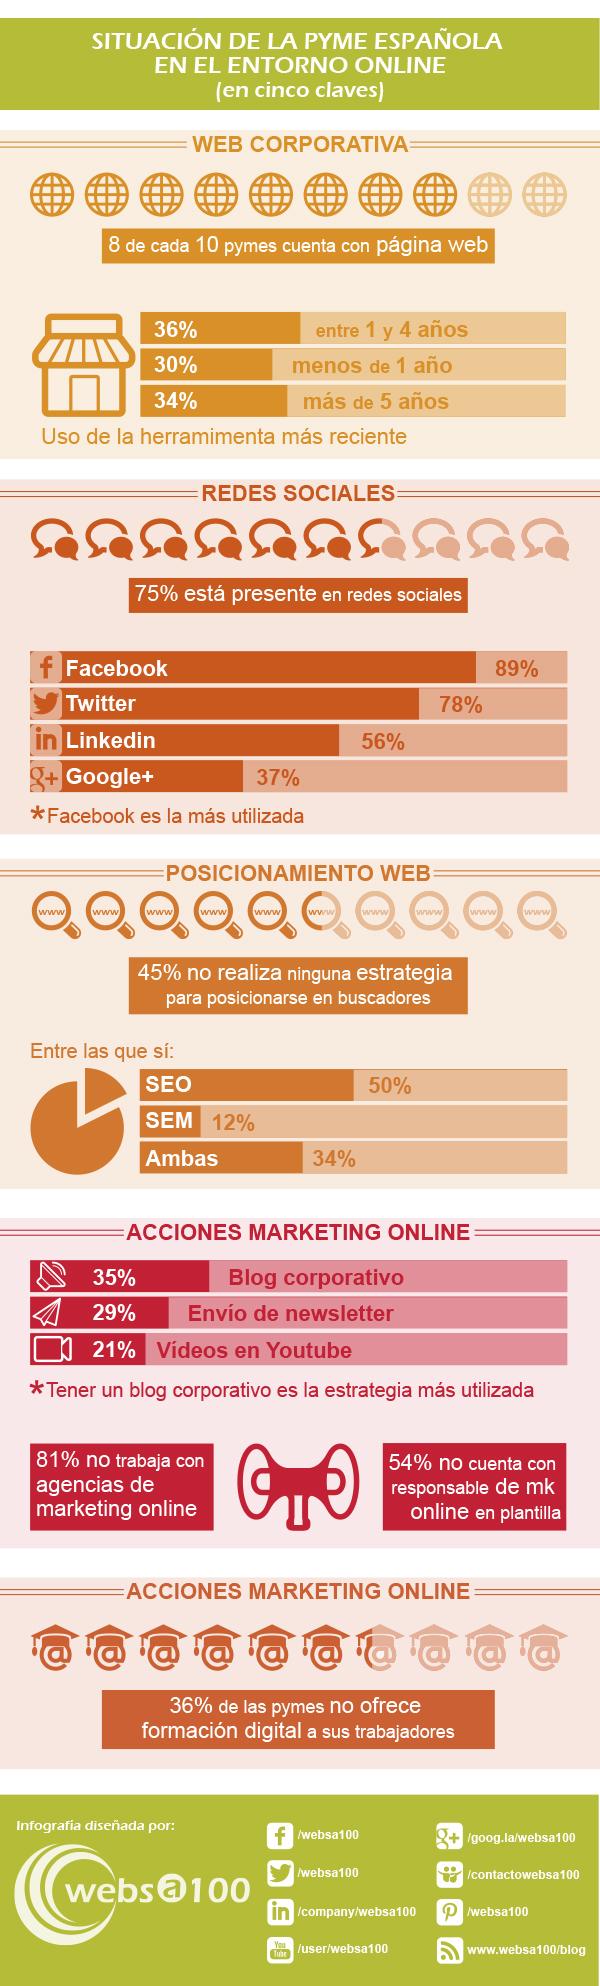 las pymes españolas en el mundo online